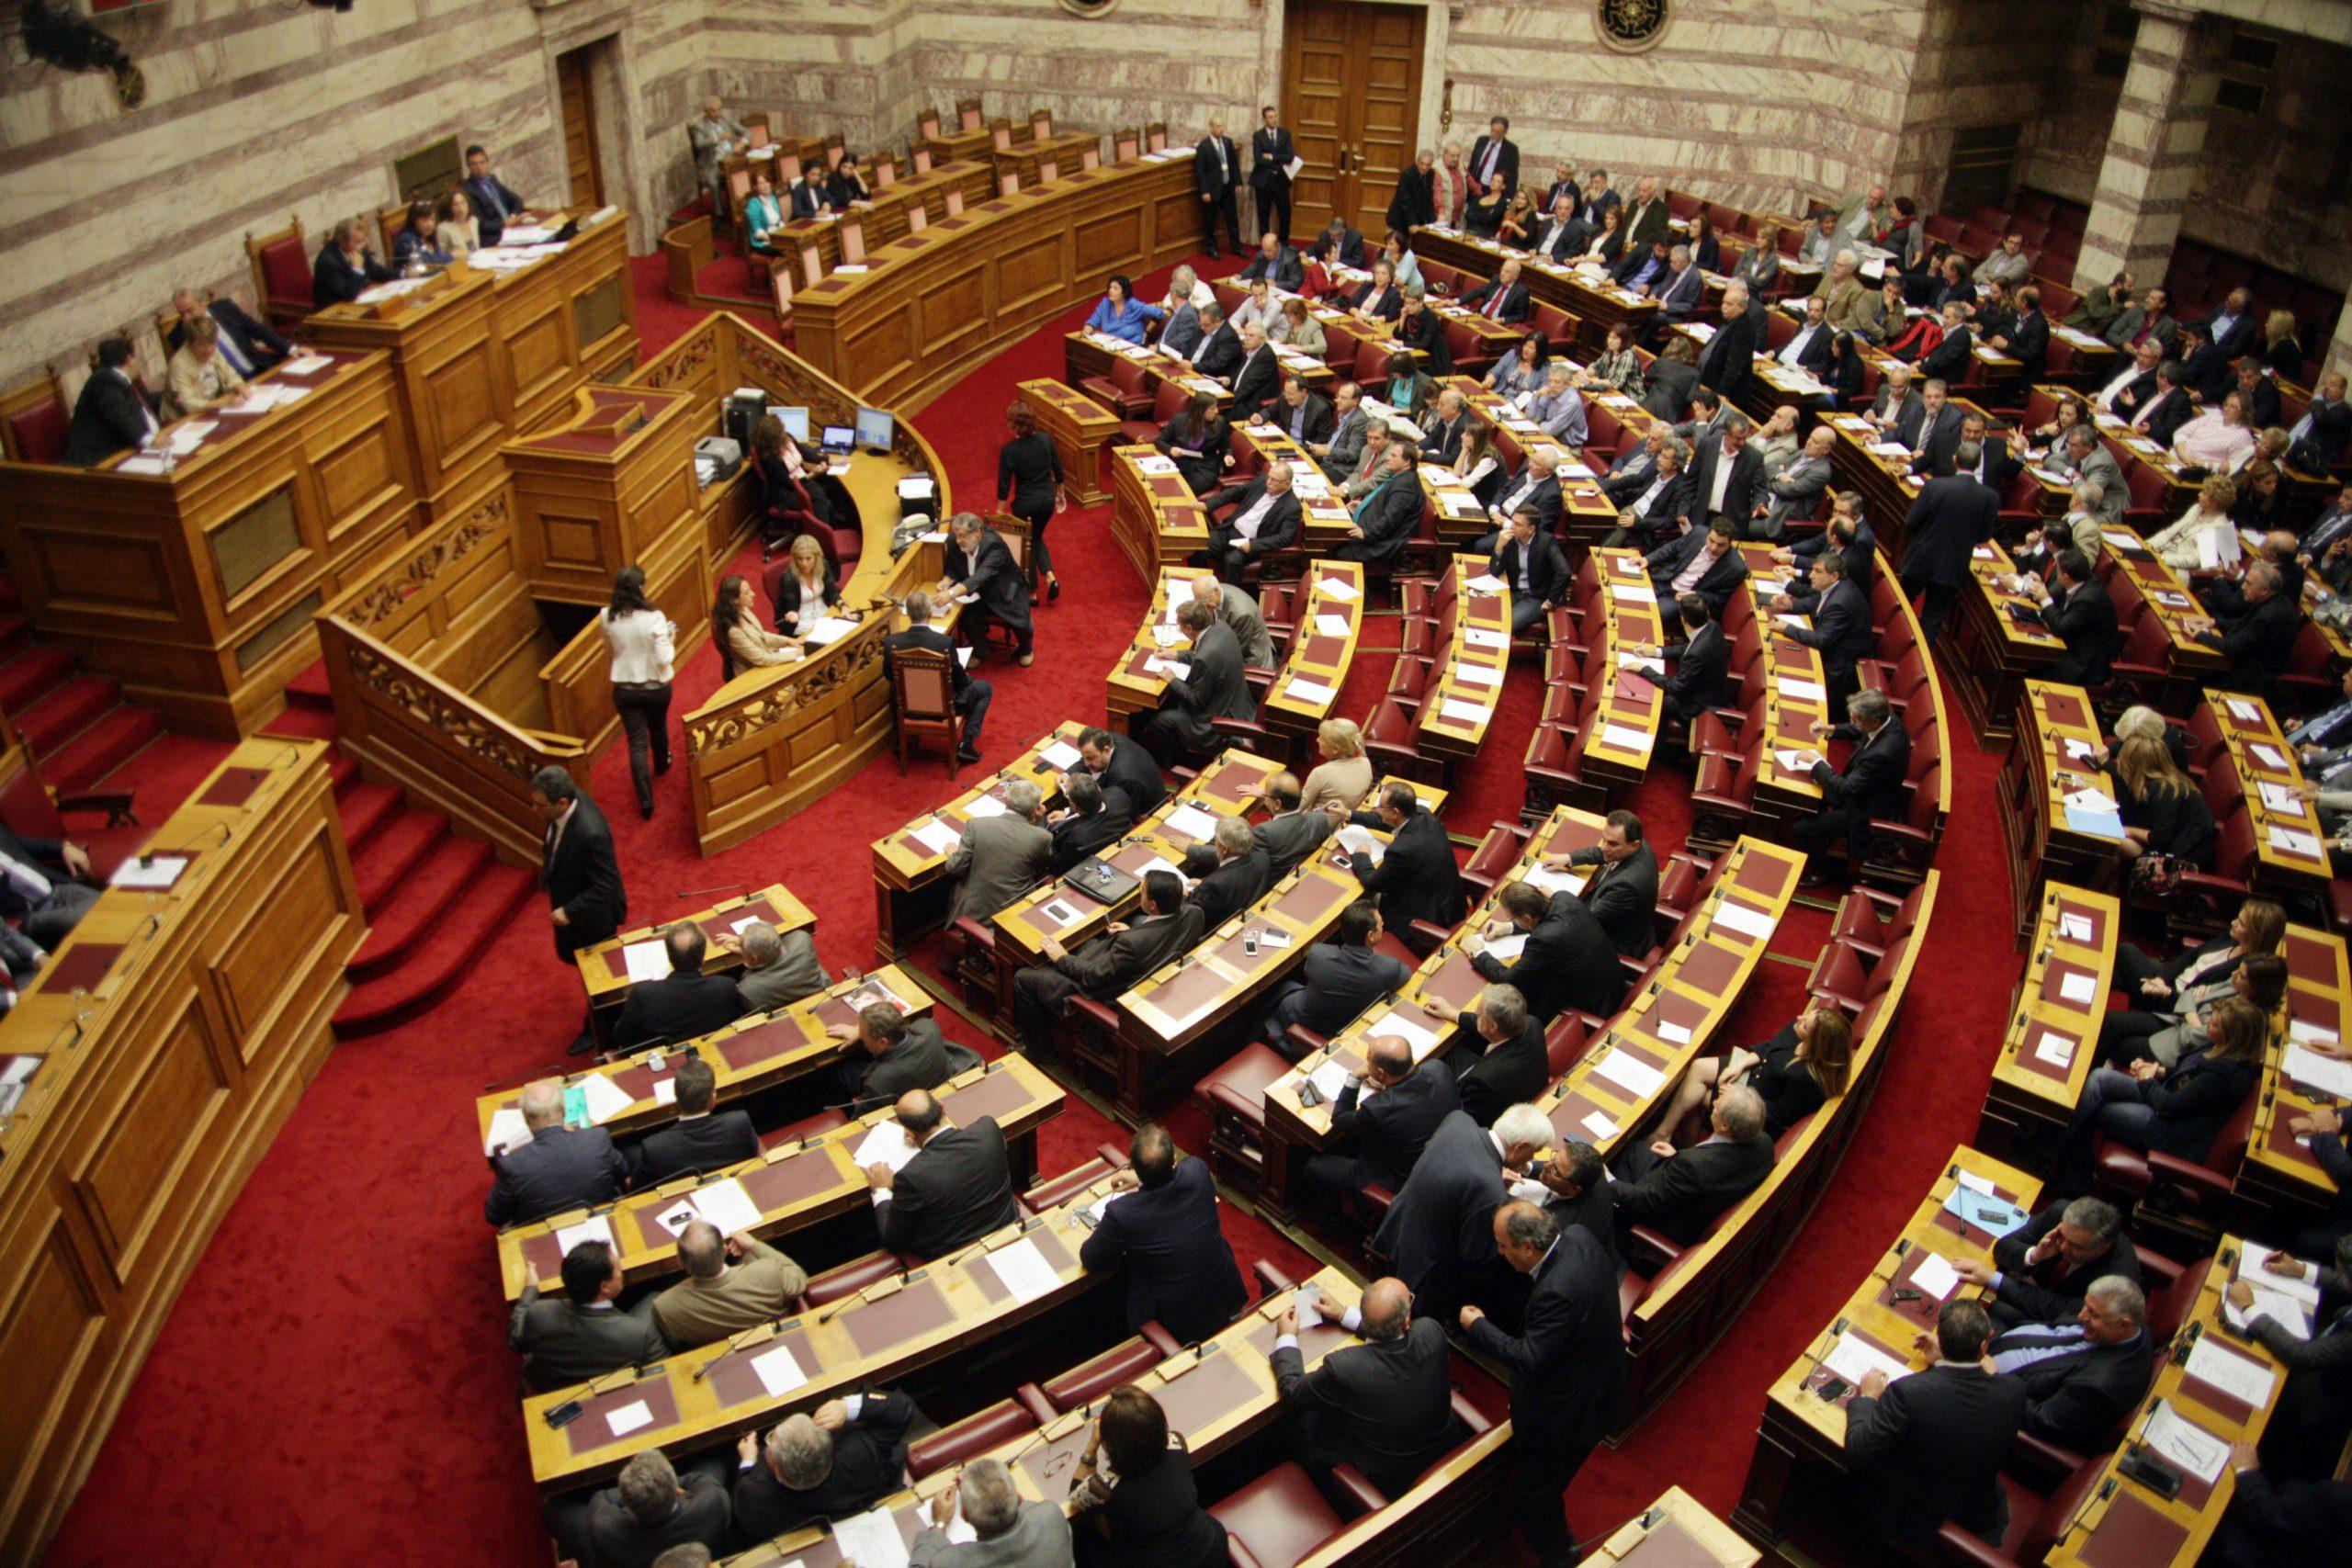 Εισηγητής ο Χάρης Μαμουλάκης εκ μέρους του ΣΥΡΙΖΑ-ΠΣ στο νομοσχέδιο περί Δημοσίων Συμβάσεων